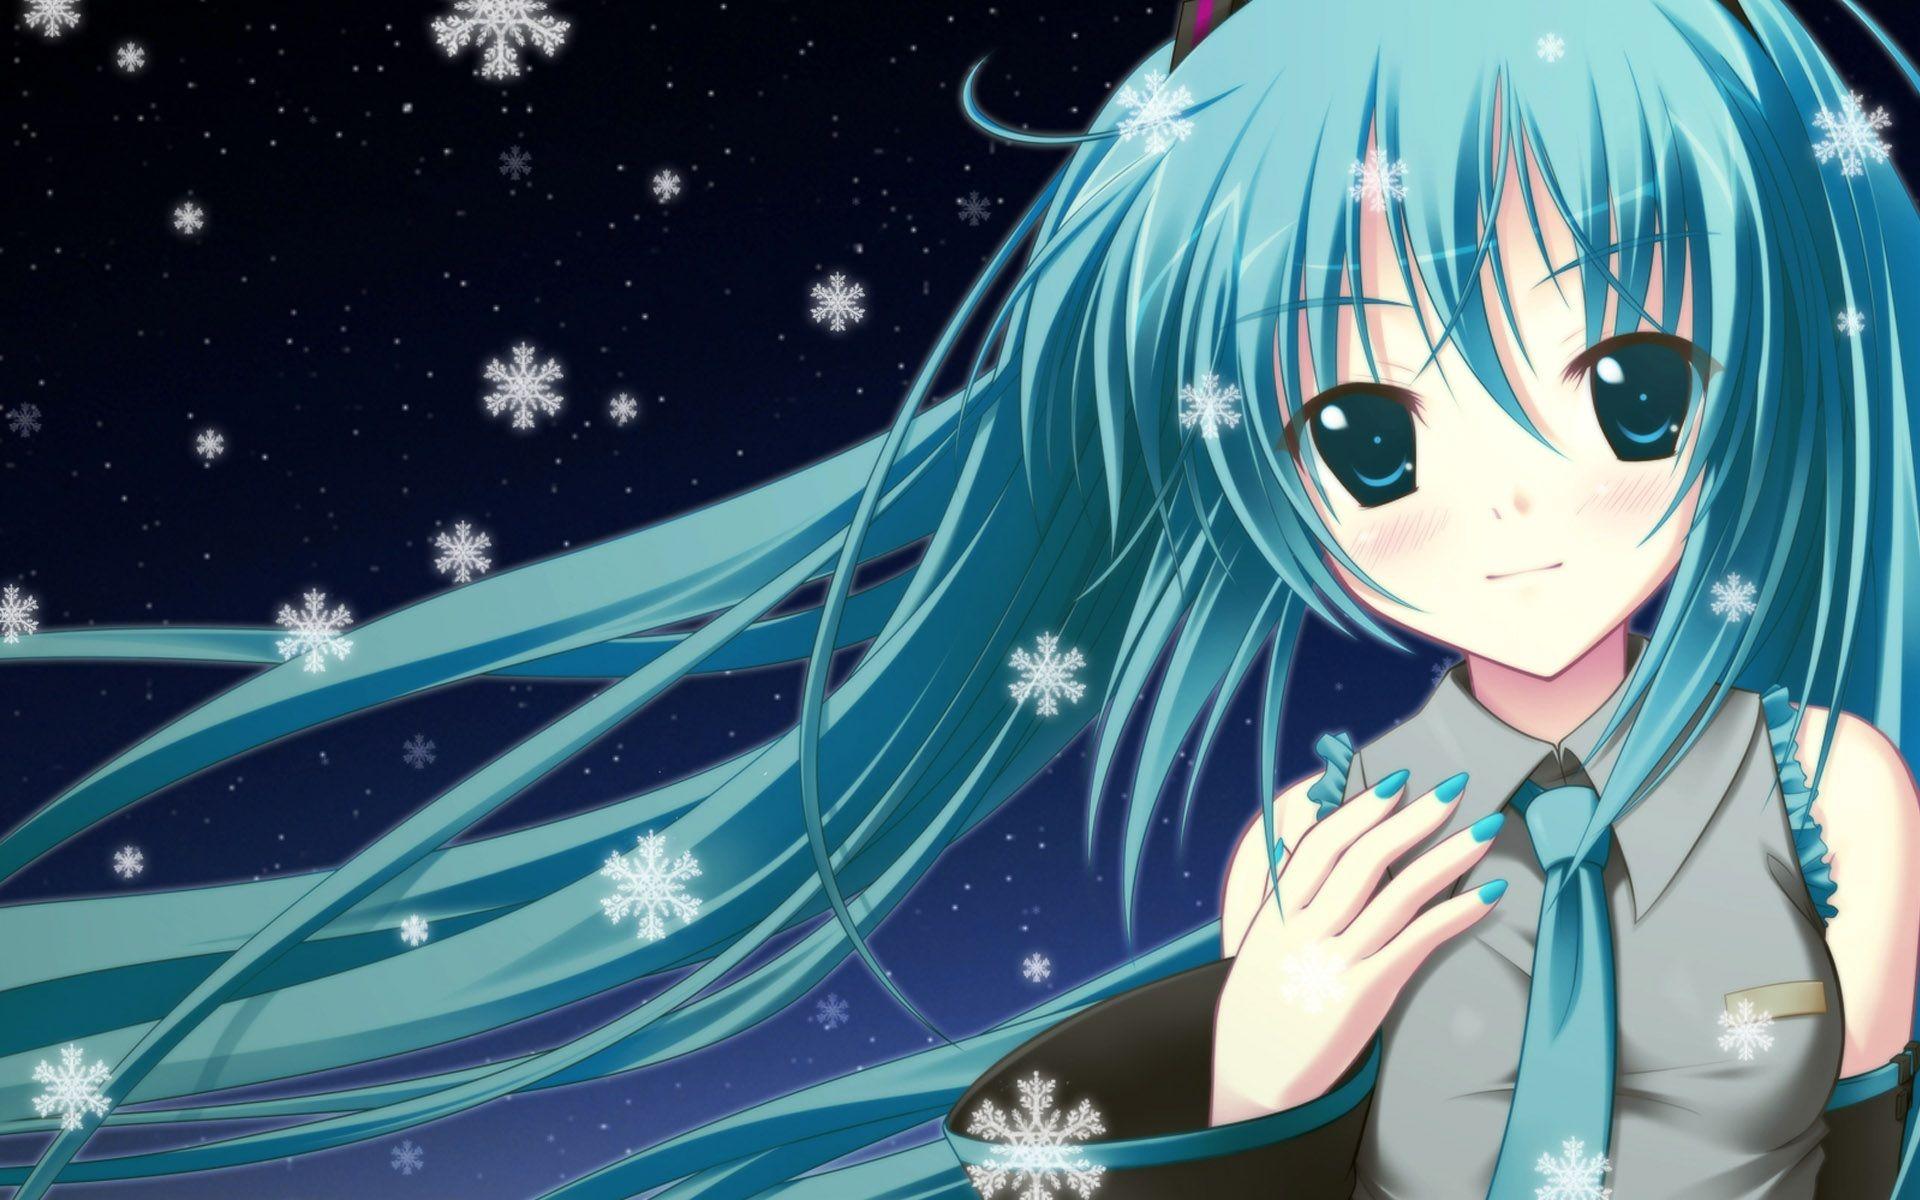 Miku Anime Anime Beginner Painting Simple Acrylic Paintings